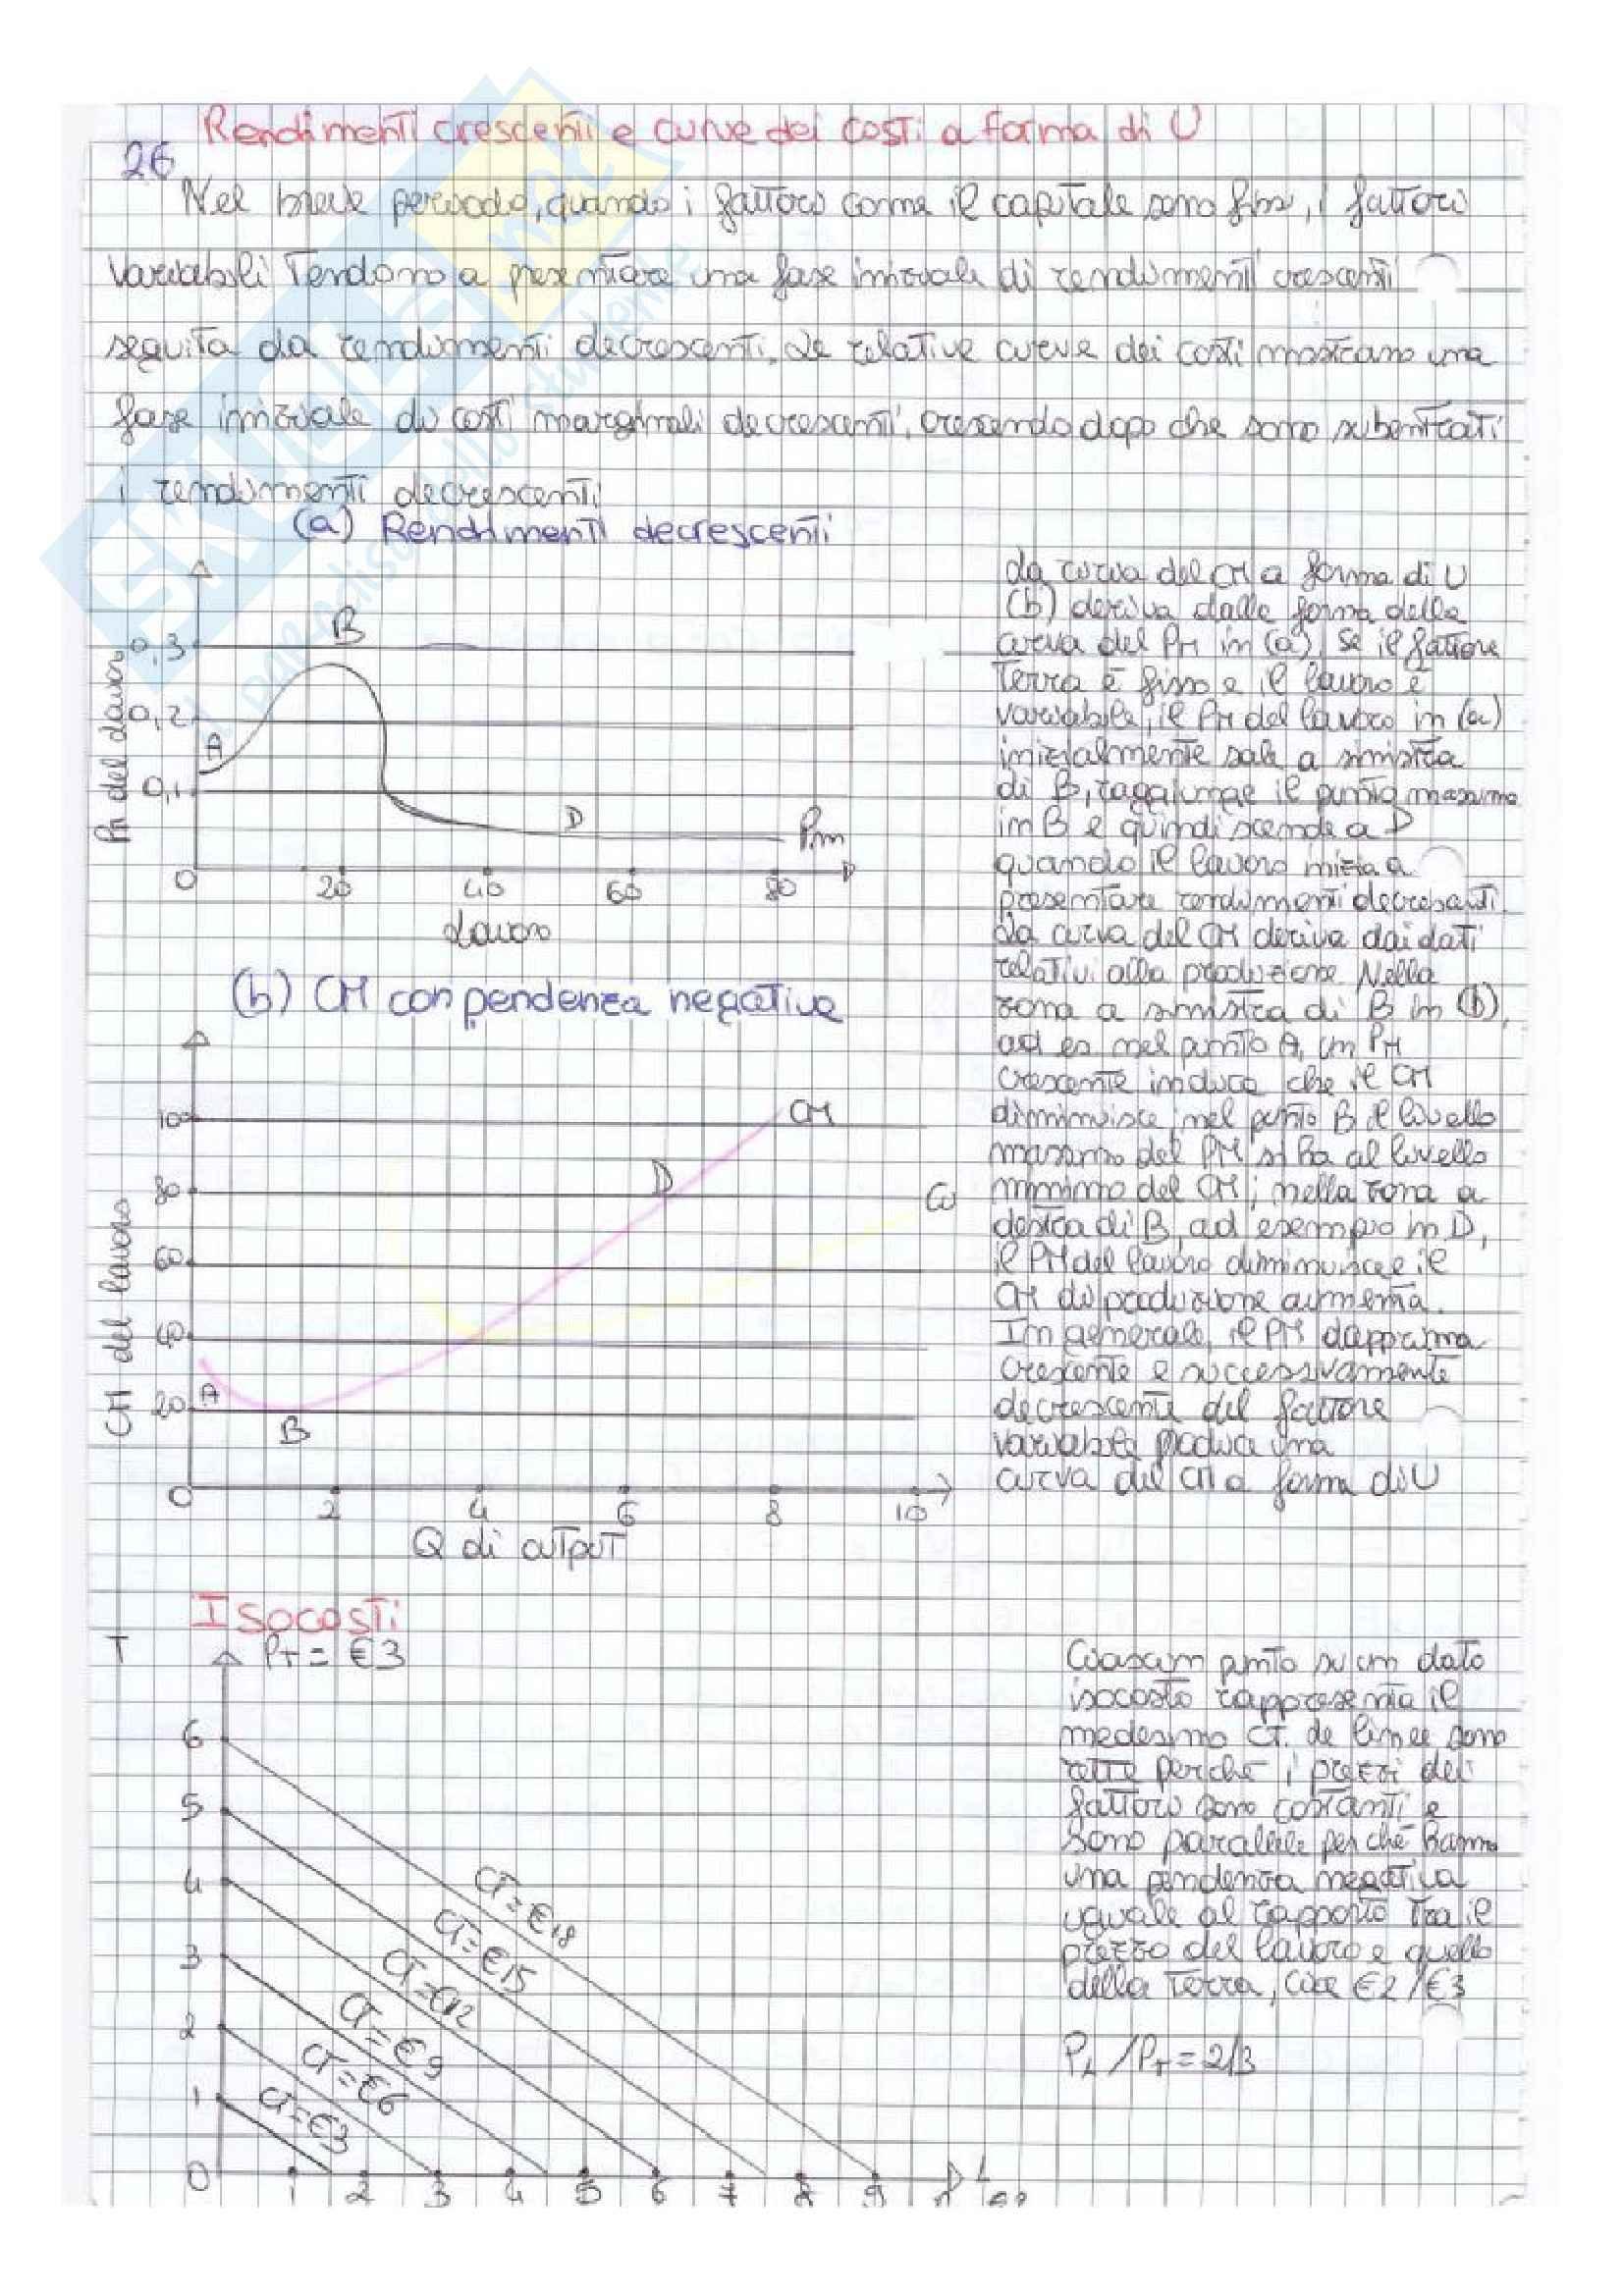 Riassunto esame Economia politica, prof. Salsano, libro consigliato Economia politica, Samuelson, Nordaus, Bollino, diciannovesima edizione Pag. 26